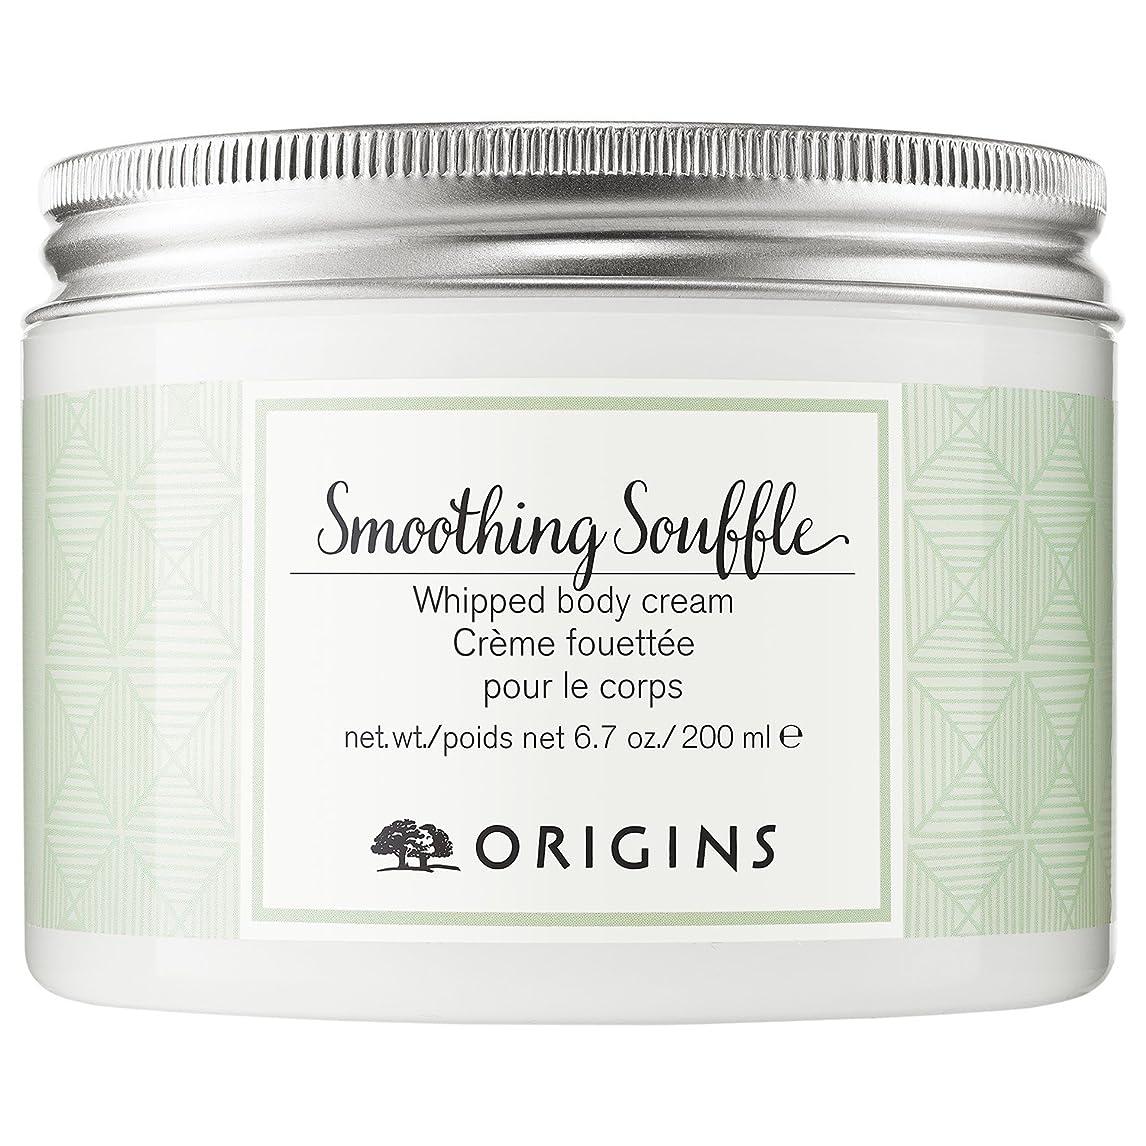 眉をひそめることわざ好みスフレホイップボディクリーム200ミリリットルを平滑化の起源 (Origins) (x2) - Origins Smoothing Souffl? Whipped Body Cream 200ml (Pack of 2) [並行輸入品]